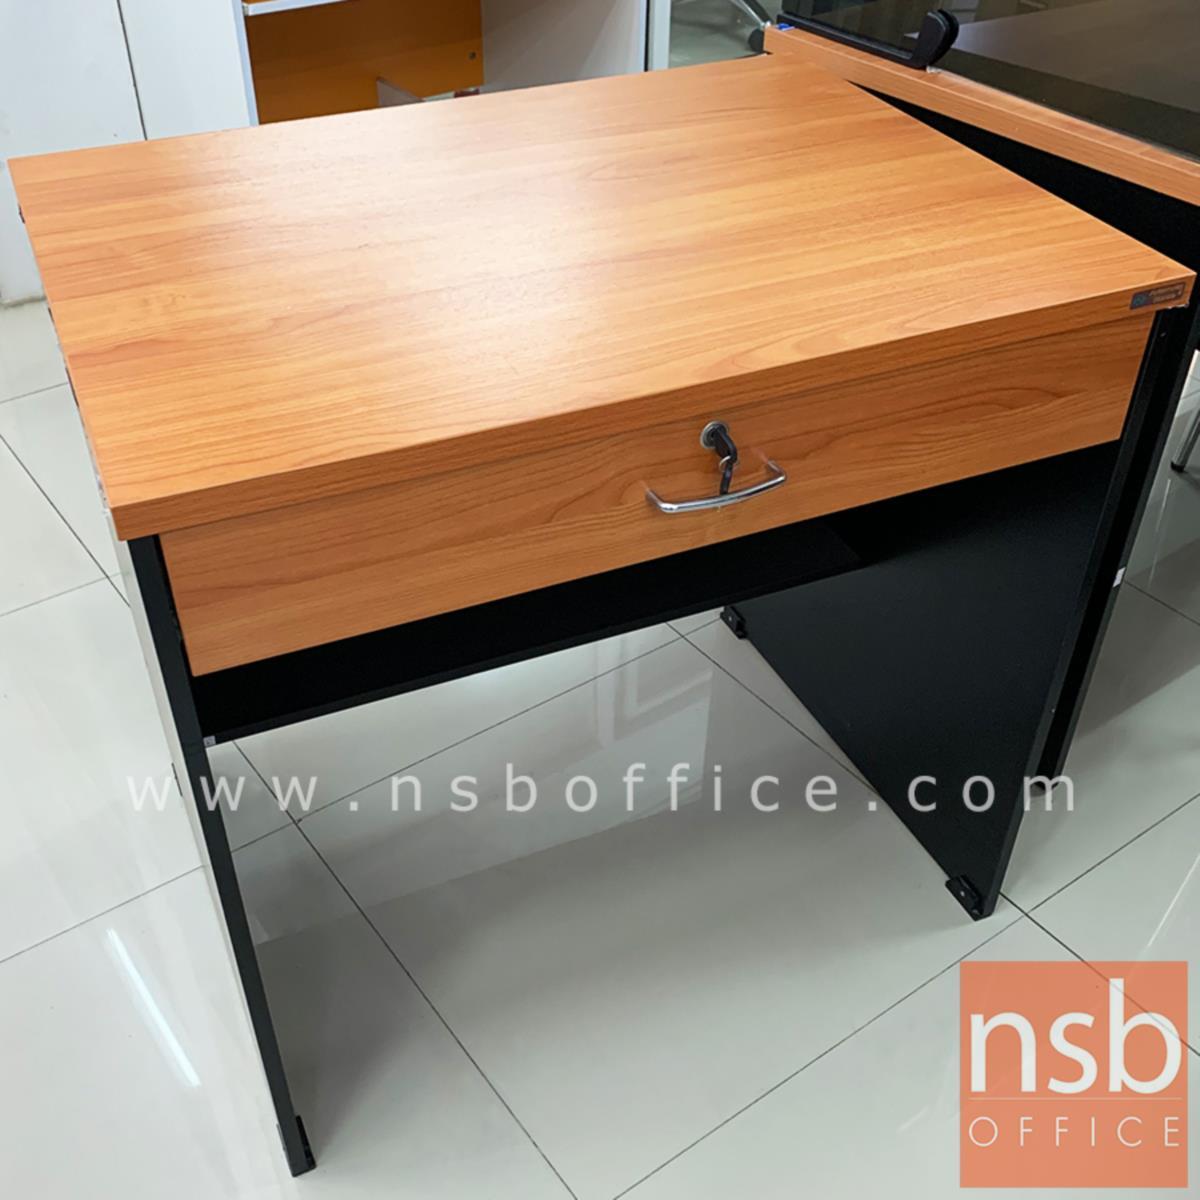 โต๊ะทำงาน 1 ลิ้นชัก รุ่น Margot (มาก็อต) ขนาด 80W ,100W cm.  เมลามีน